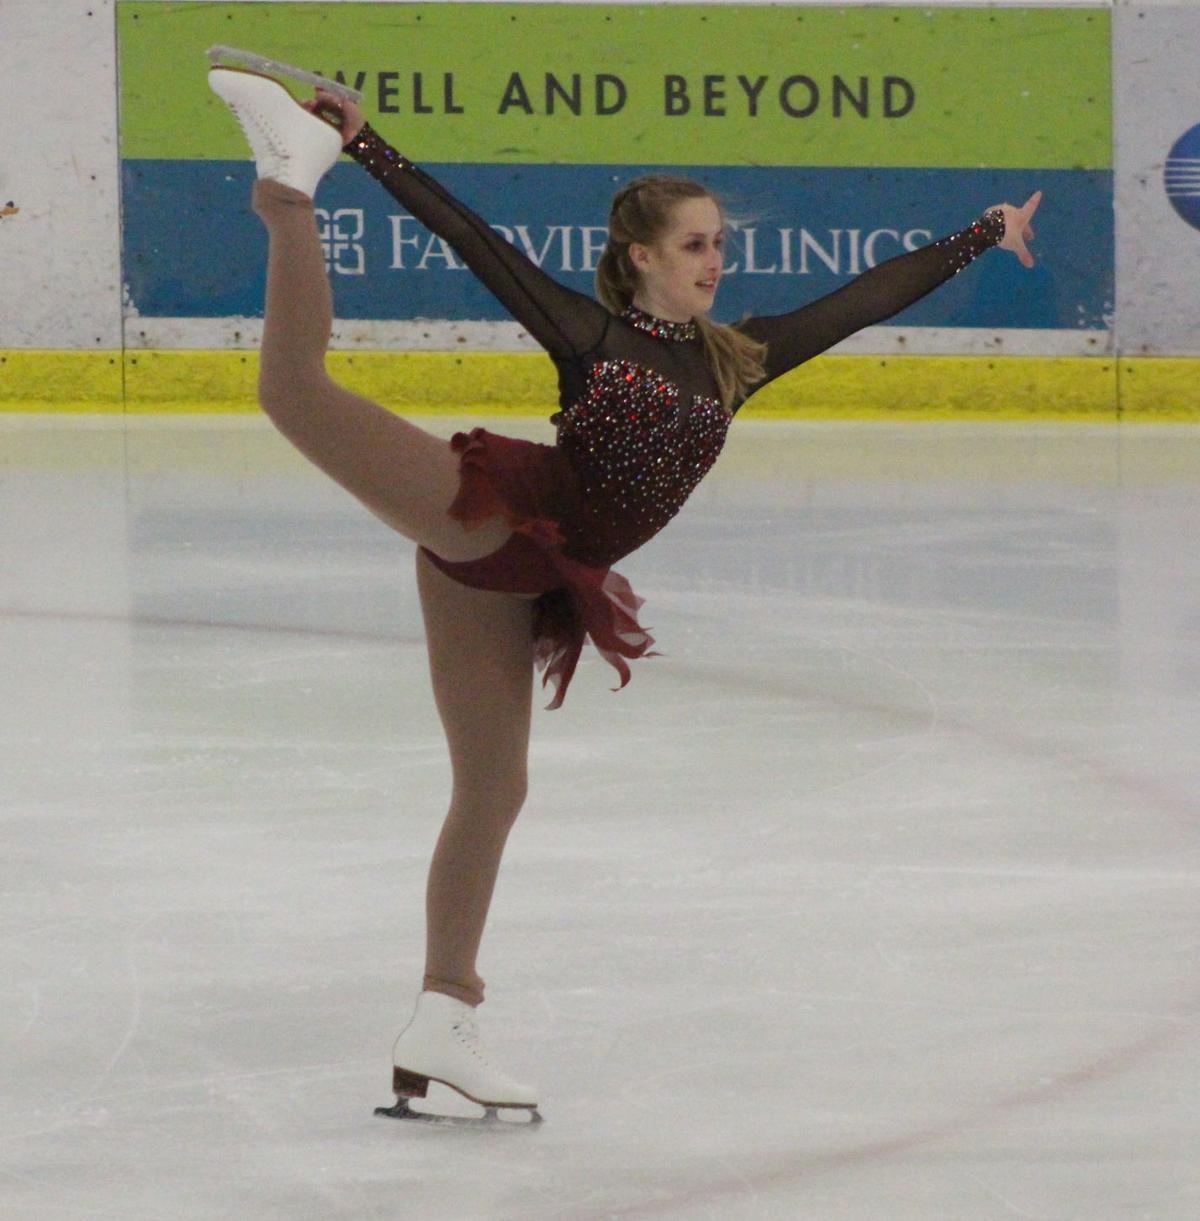 Brooke Johnson skating